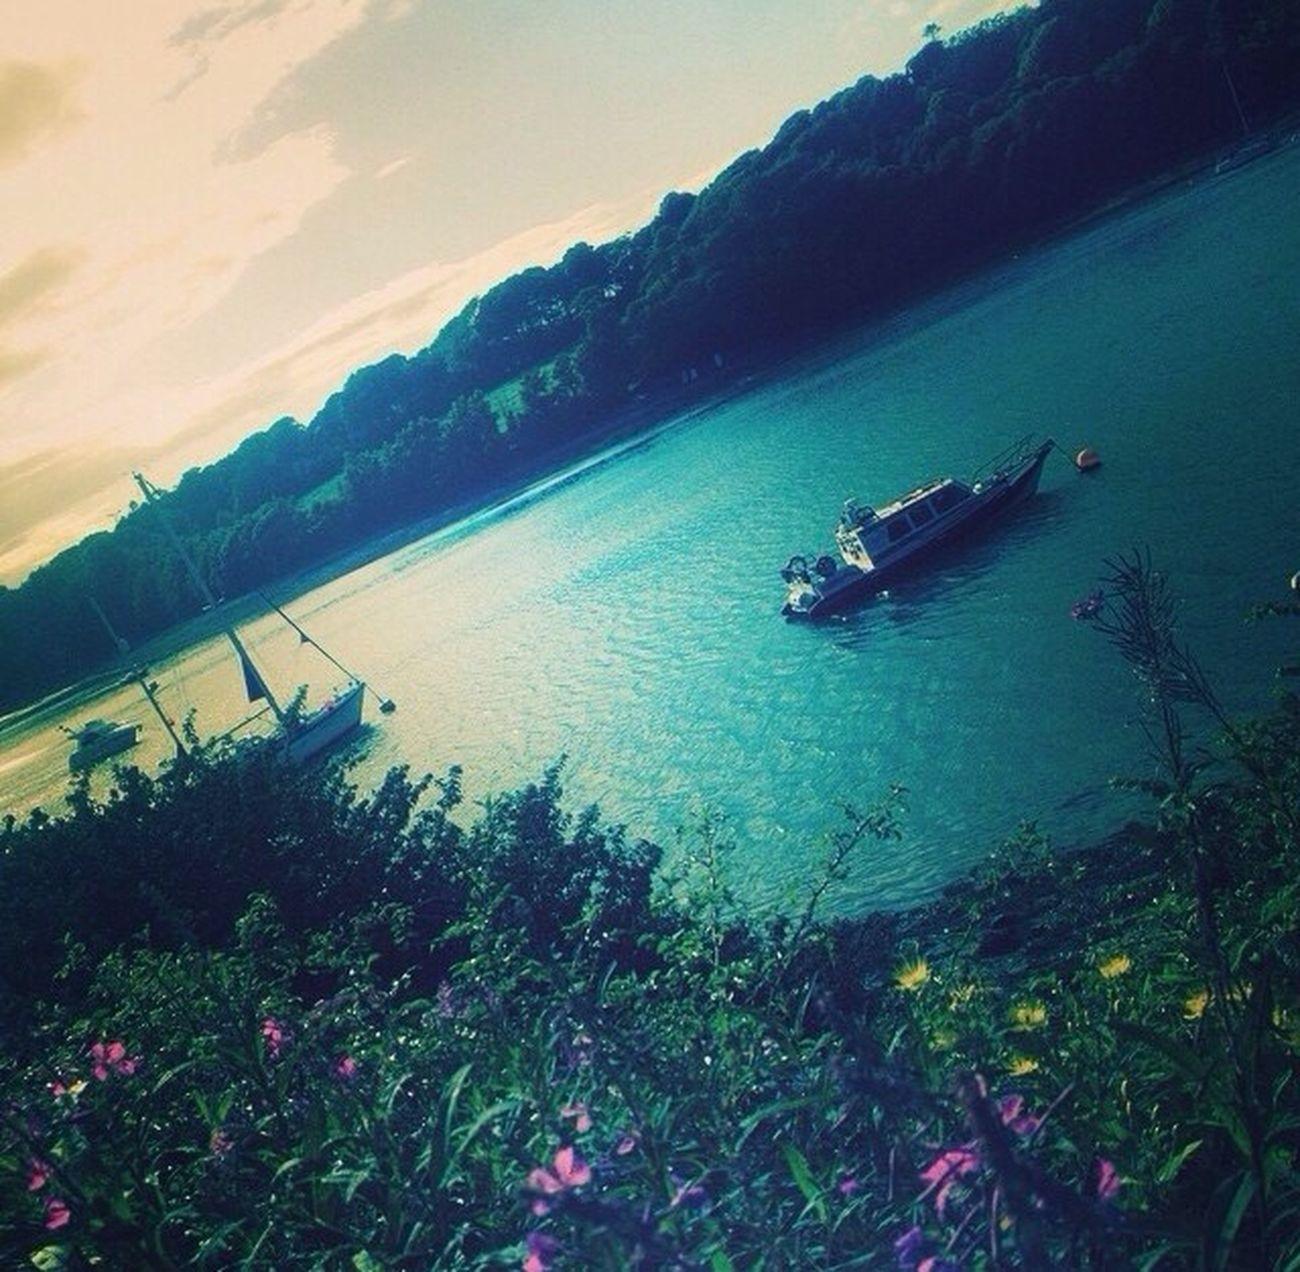 Piekny Water Scenery Boat Flowers Kwiaty Blue Sky Ireland Summer Lato